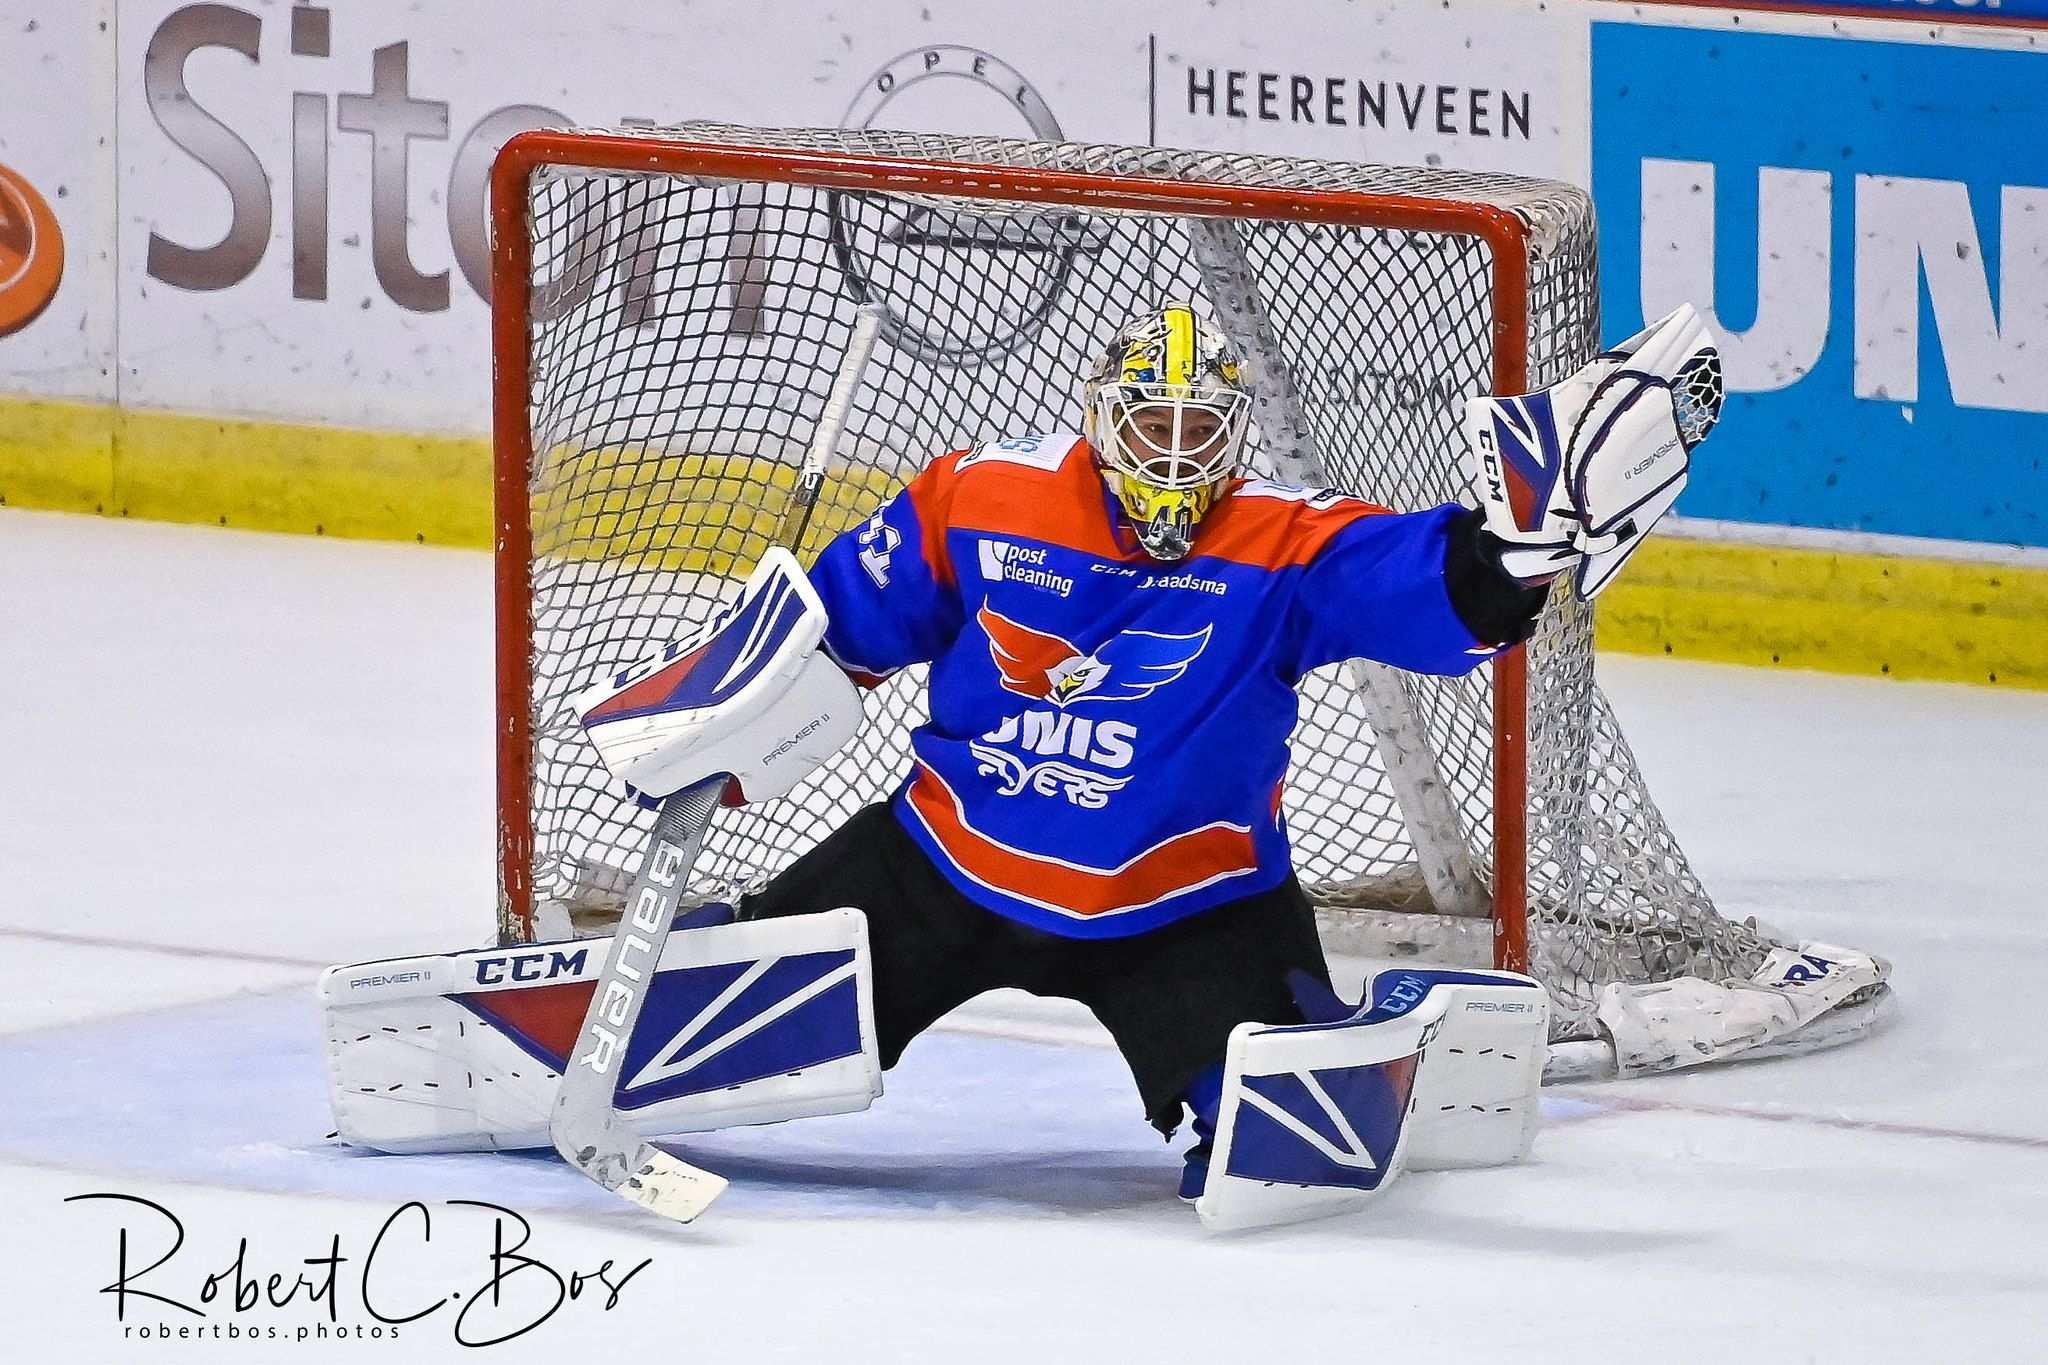 Martijn Oosterwijk UNIS Flyers Heerenveen